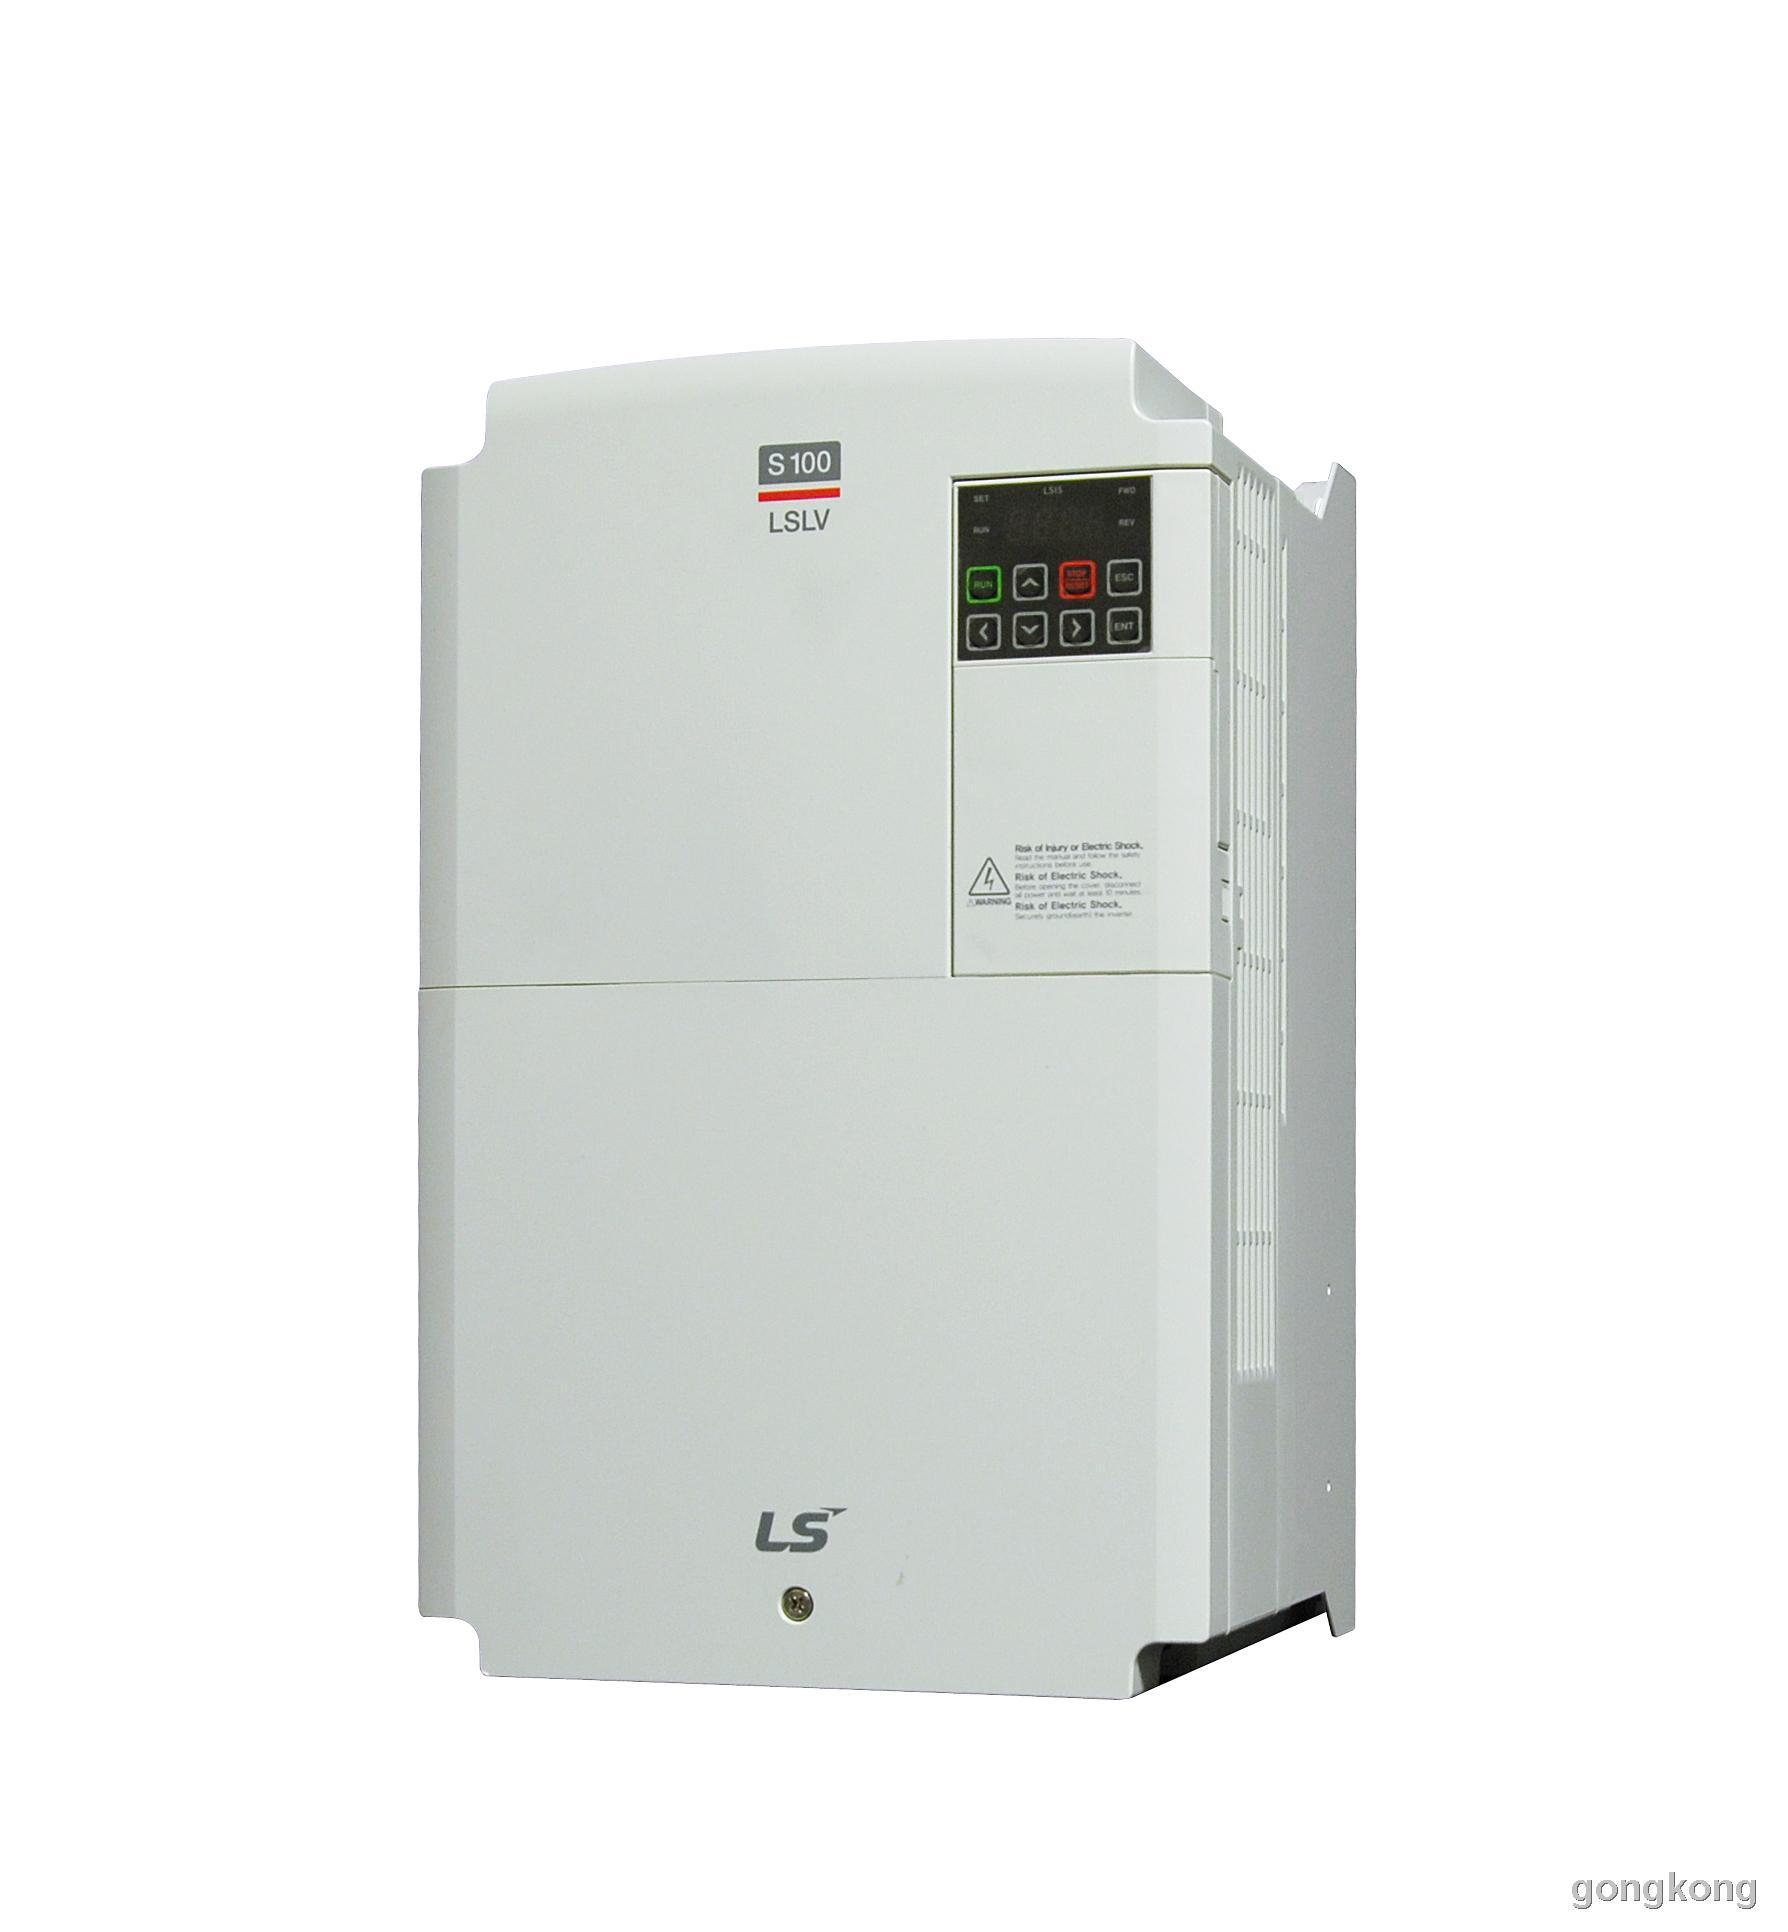 ls产电 lslv系列新款变频器s100